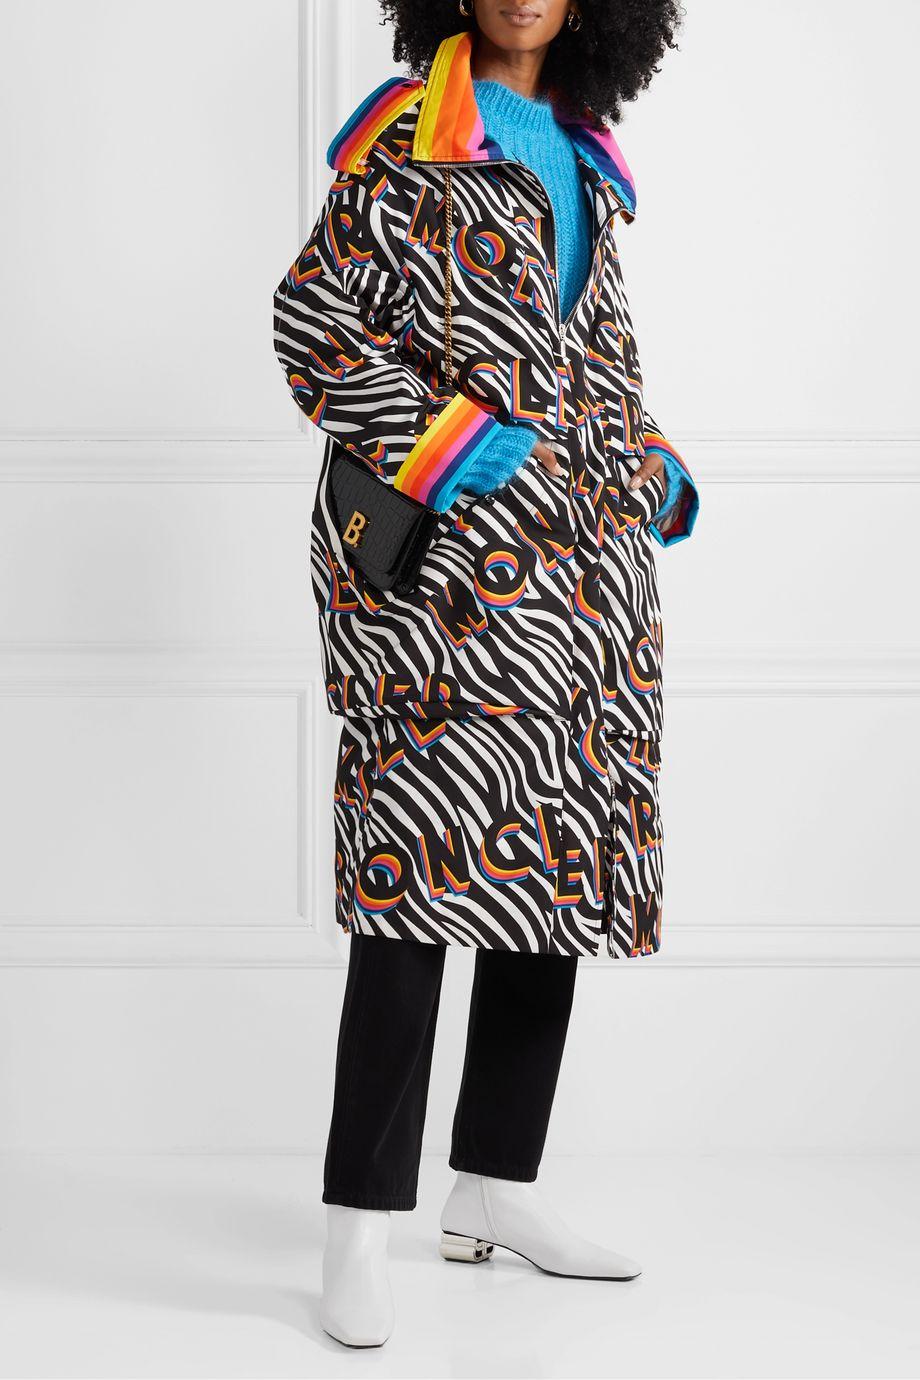 Moncler Genius + 0 Richard Quinn Ava oversized printed shell down coat